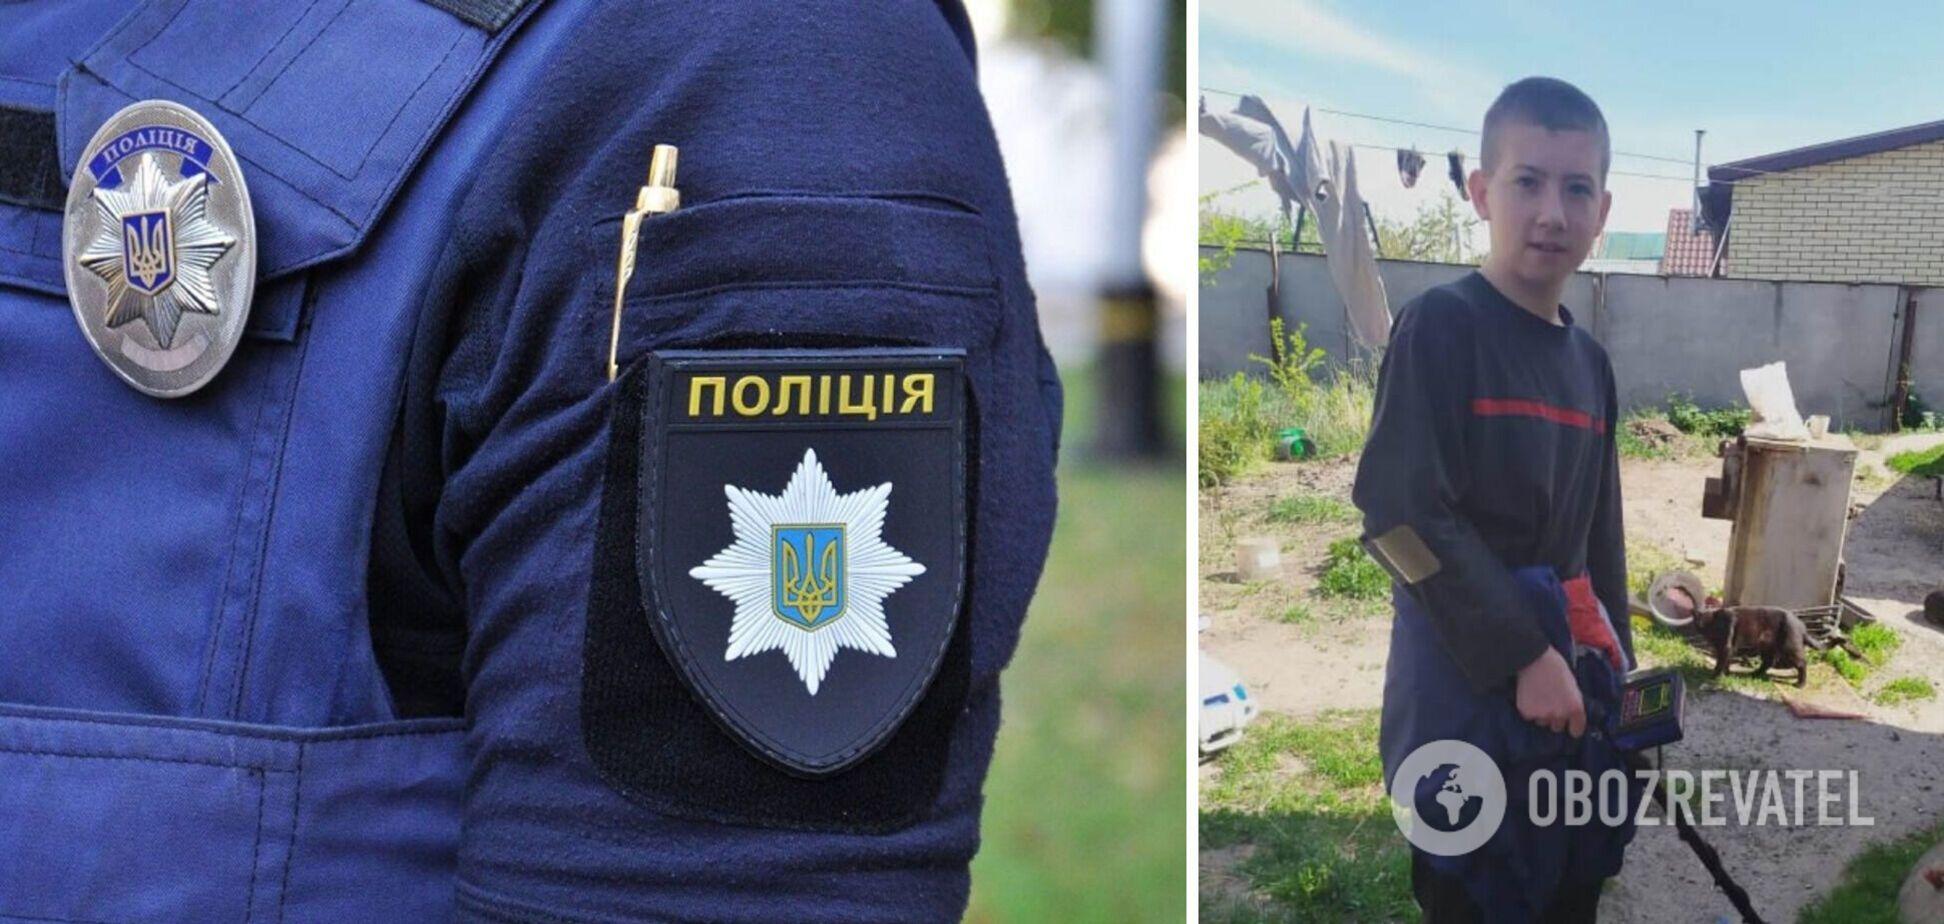 У поліції назвали попередню причину смерті підлітка в Харкові